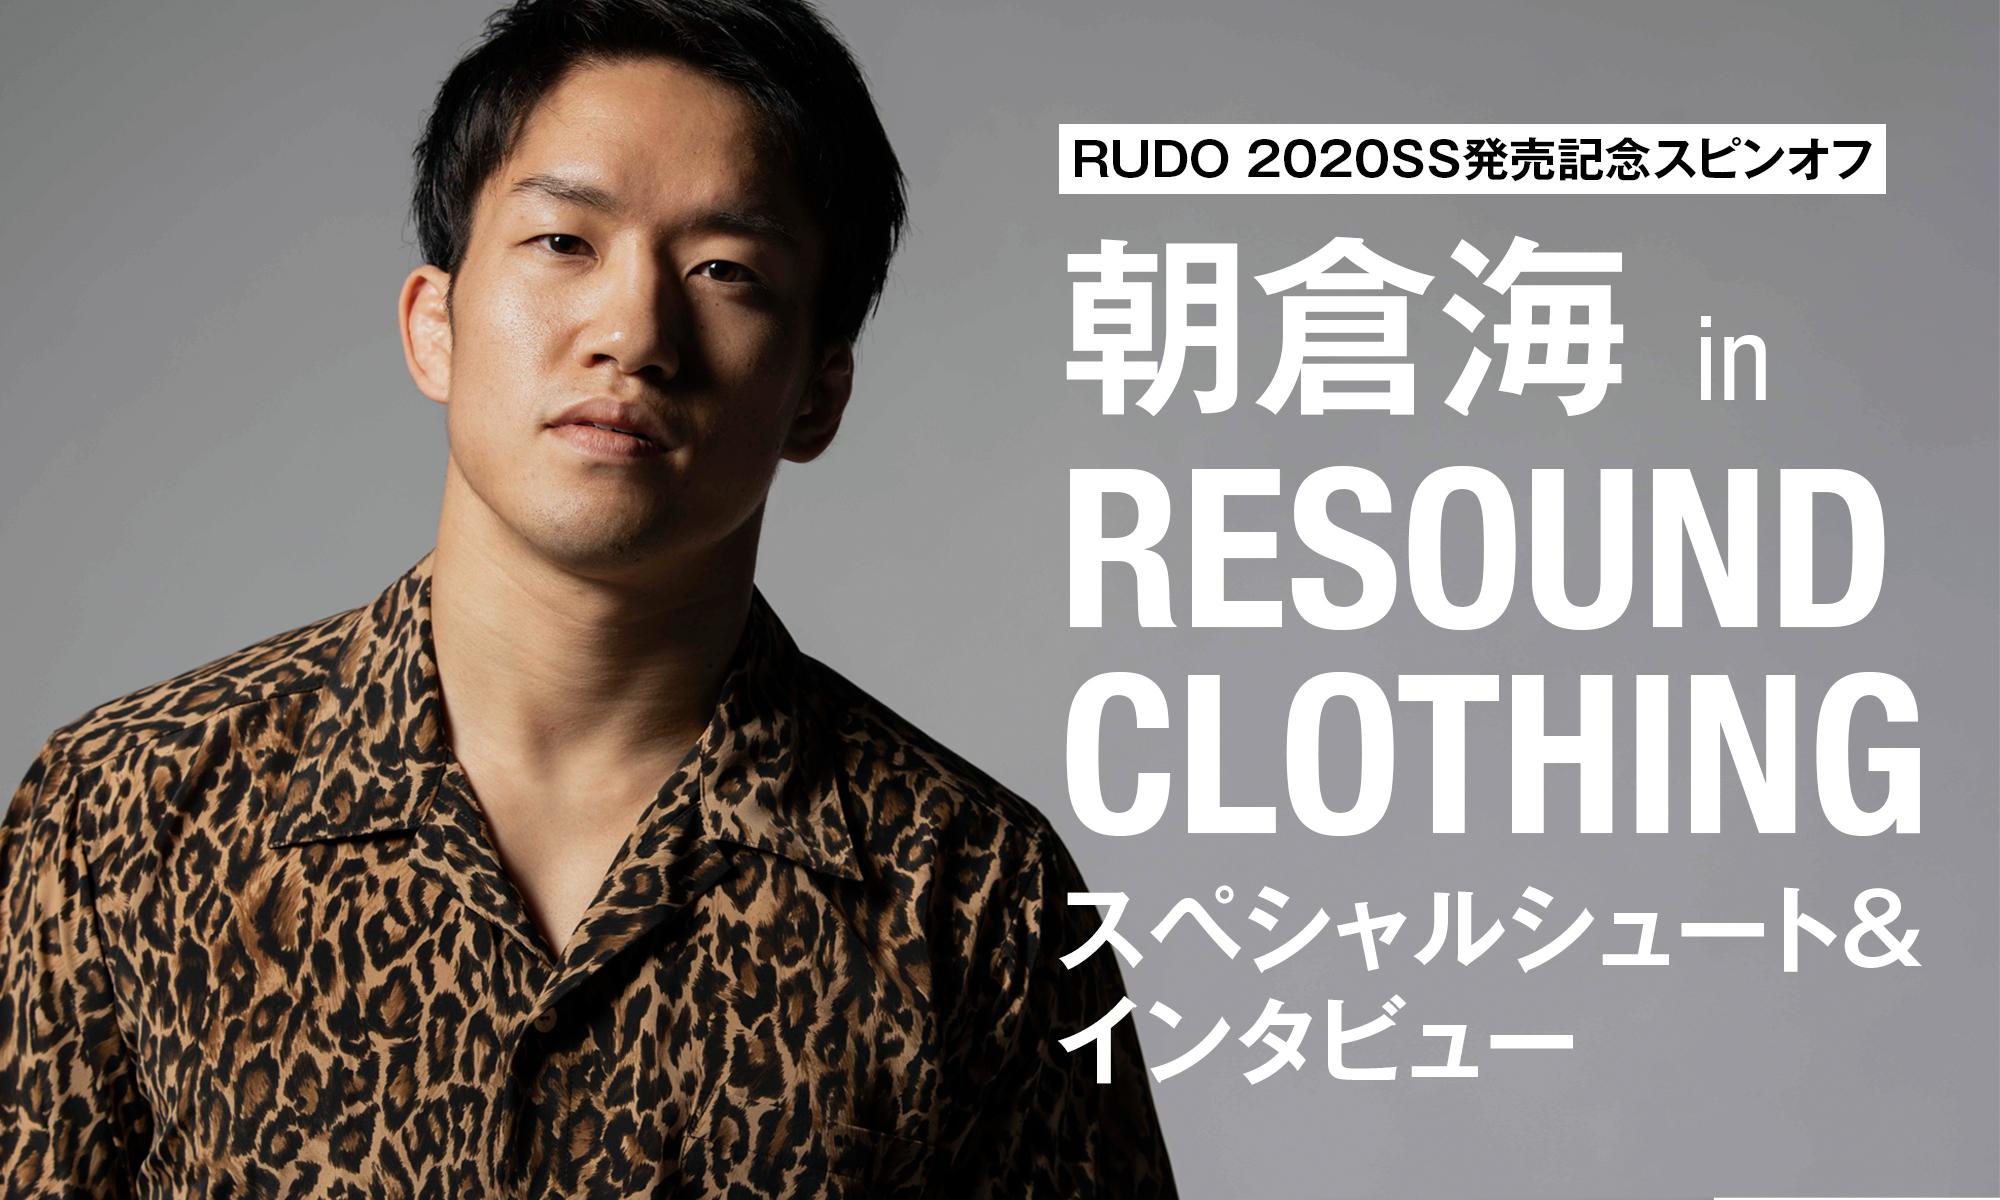 RUDO 2020SS発売記念スピンオフ -朝倉 海 in RESOUND CLOTHING-